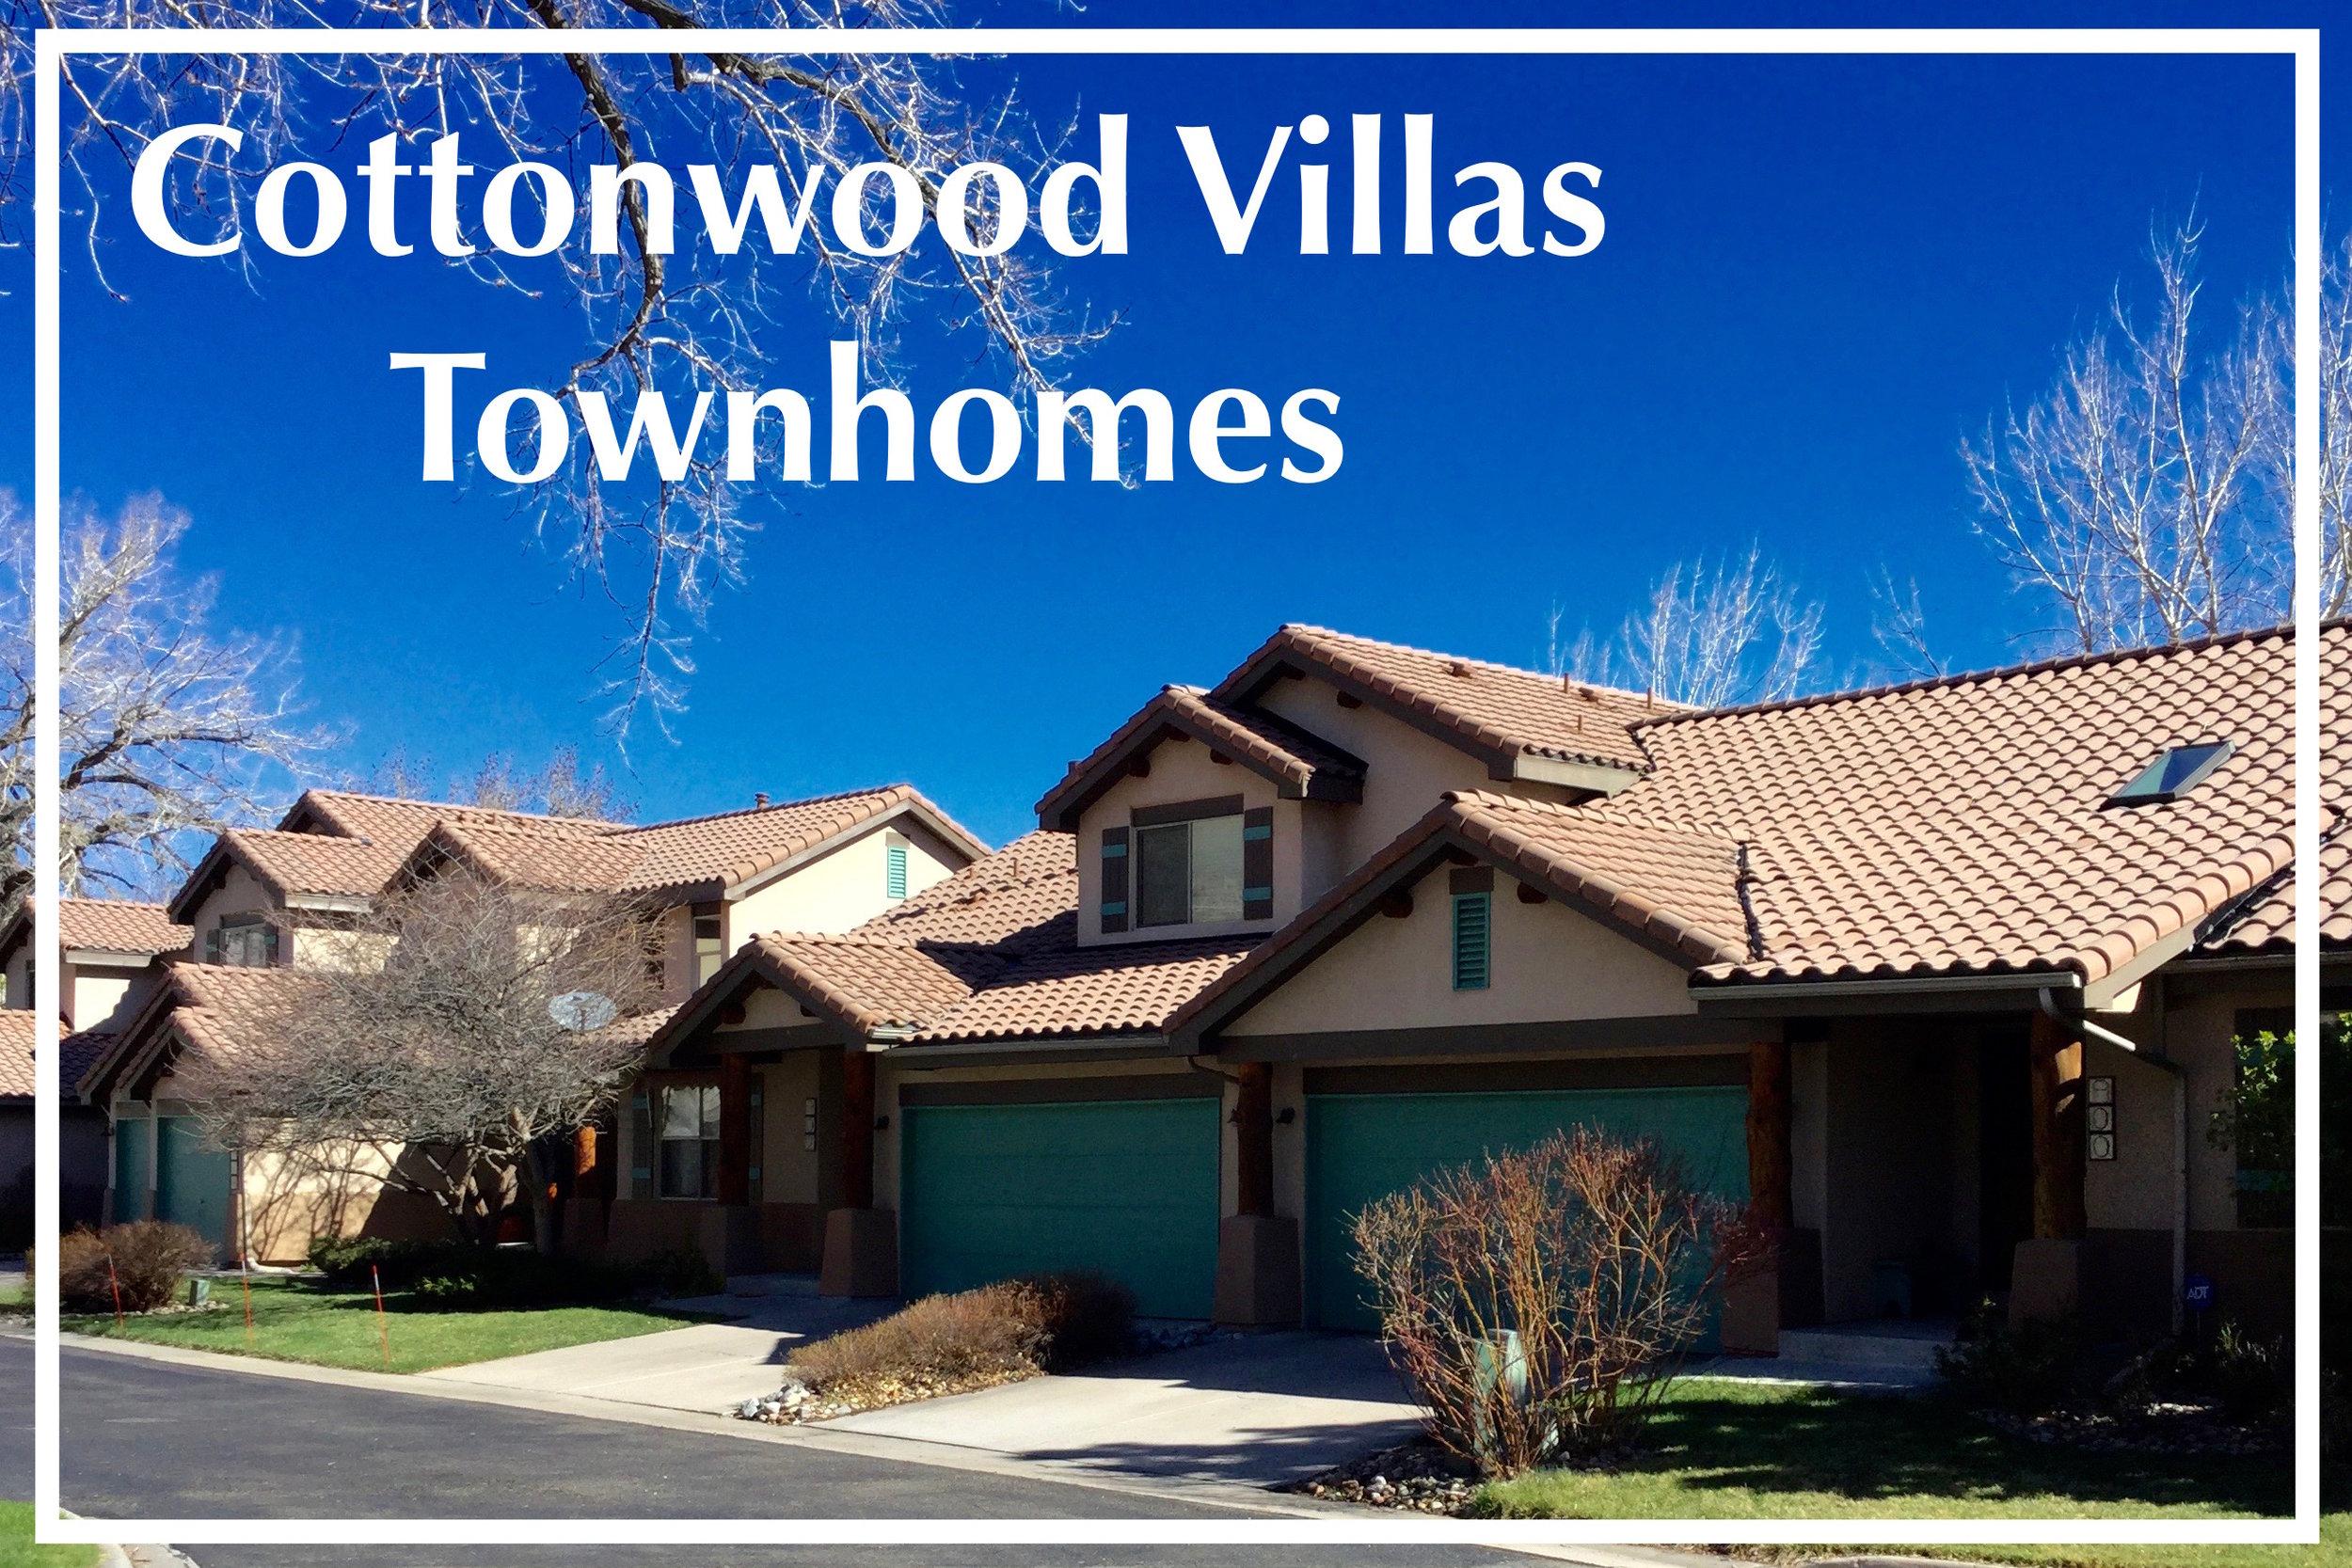 Cottonwood Villas.jpg